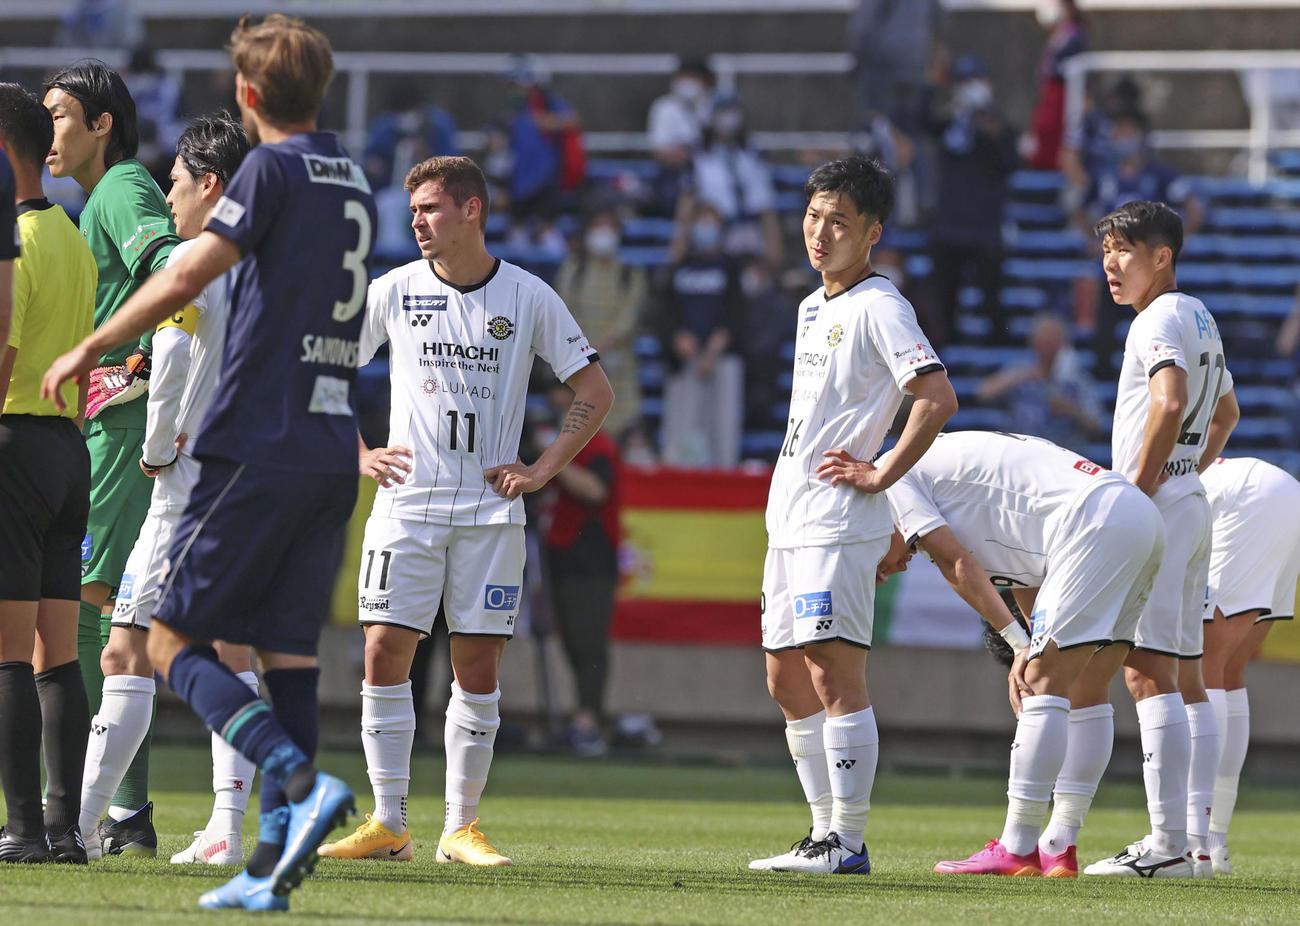 福岡に敗れ、肩を落とす柏イレブン